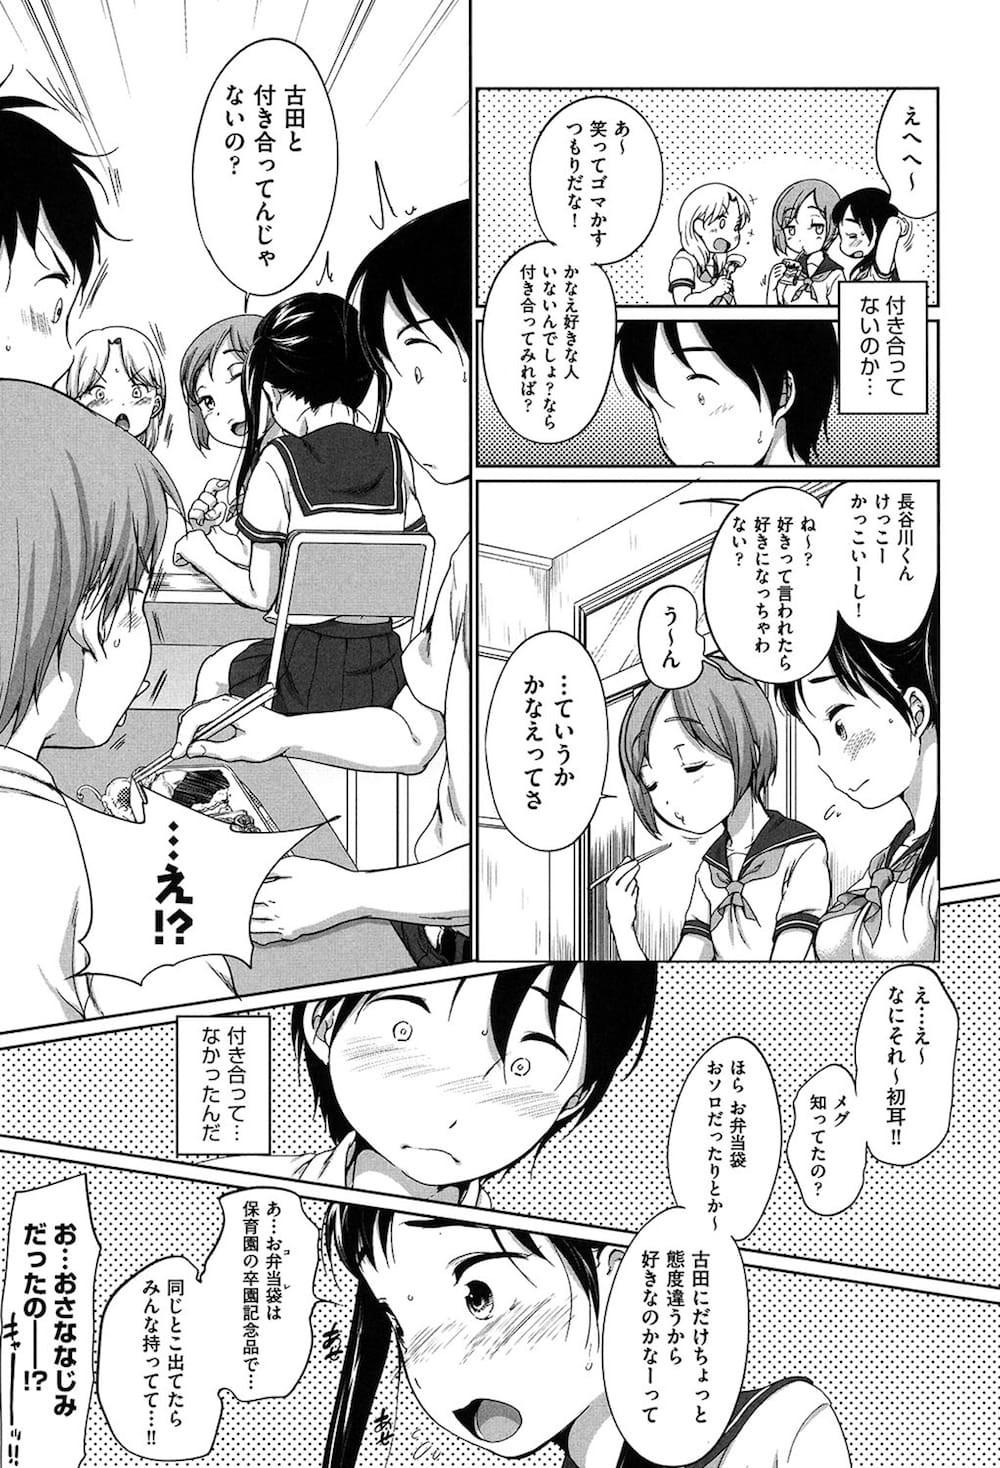 【エロ漫画】 家ではエッチなことをしている幼馴染と学校ではお互いにただのクラスメイトとして接していたが、堂々と告白して学校でセックス♪ 011